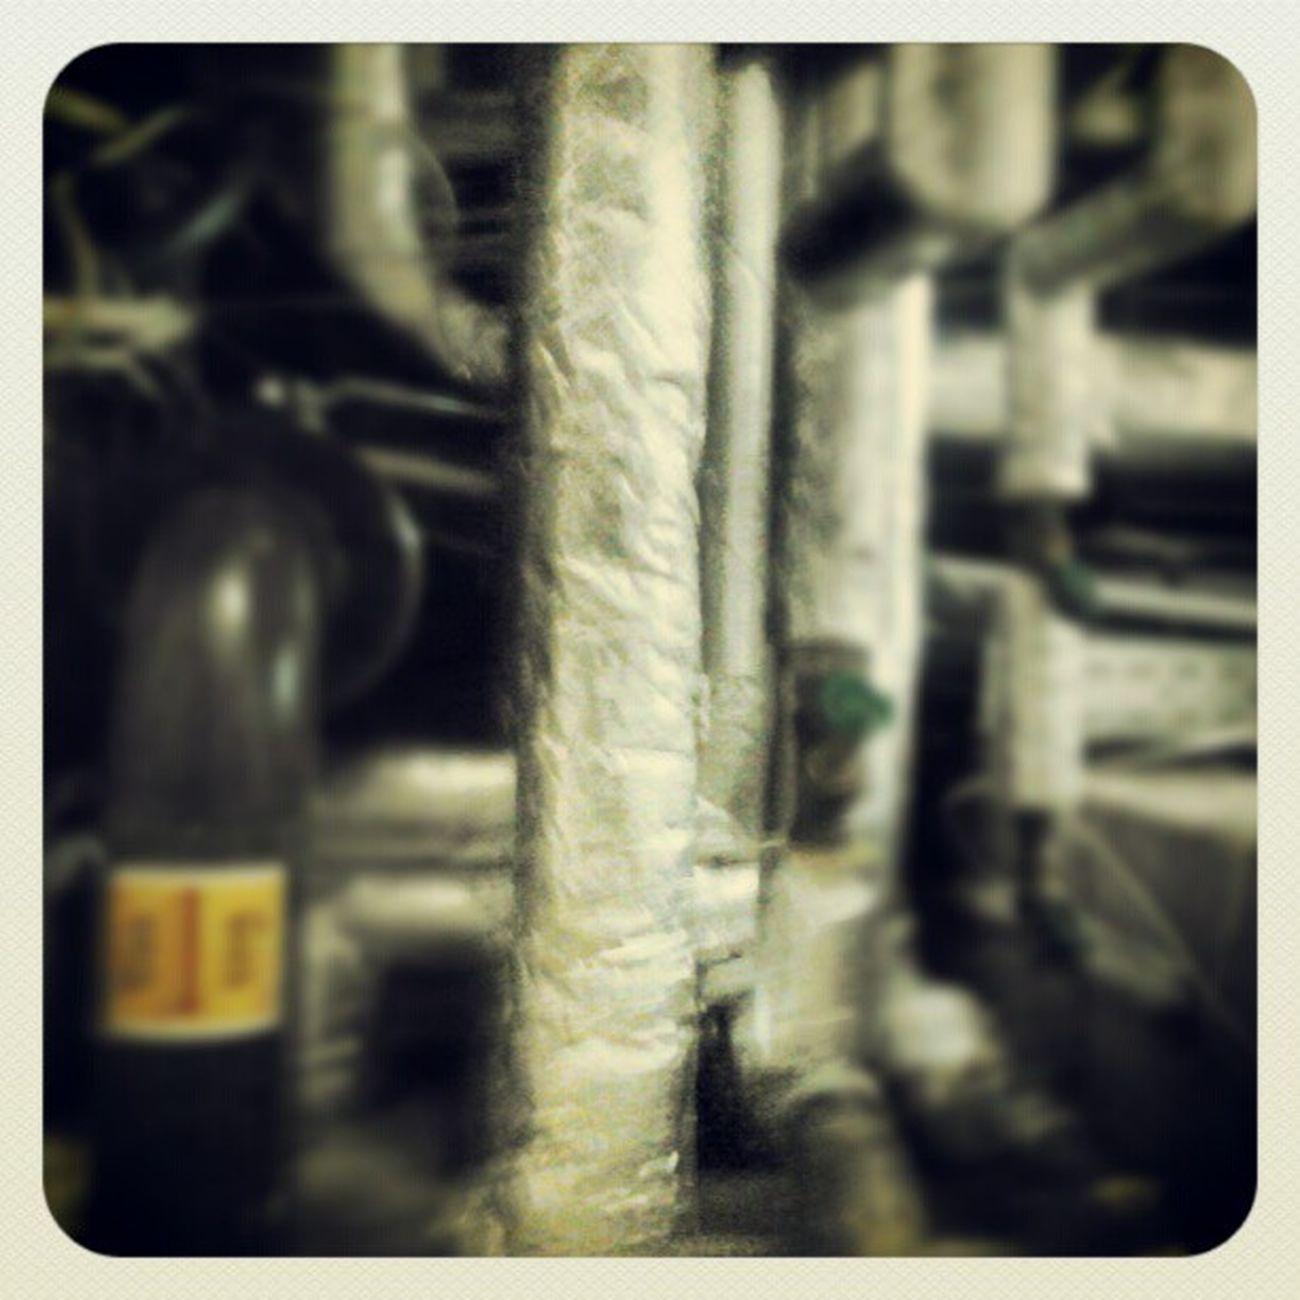 Atwork Katakomben Basement Hot blondiedebbieharrymusicpunkrocknrolllovepeacelikefirlikedailypicpicofthedayinstaphotoinstalikeinstalovehope